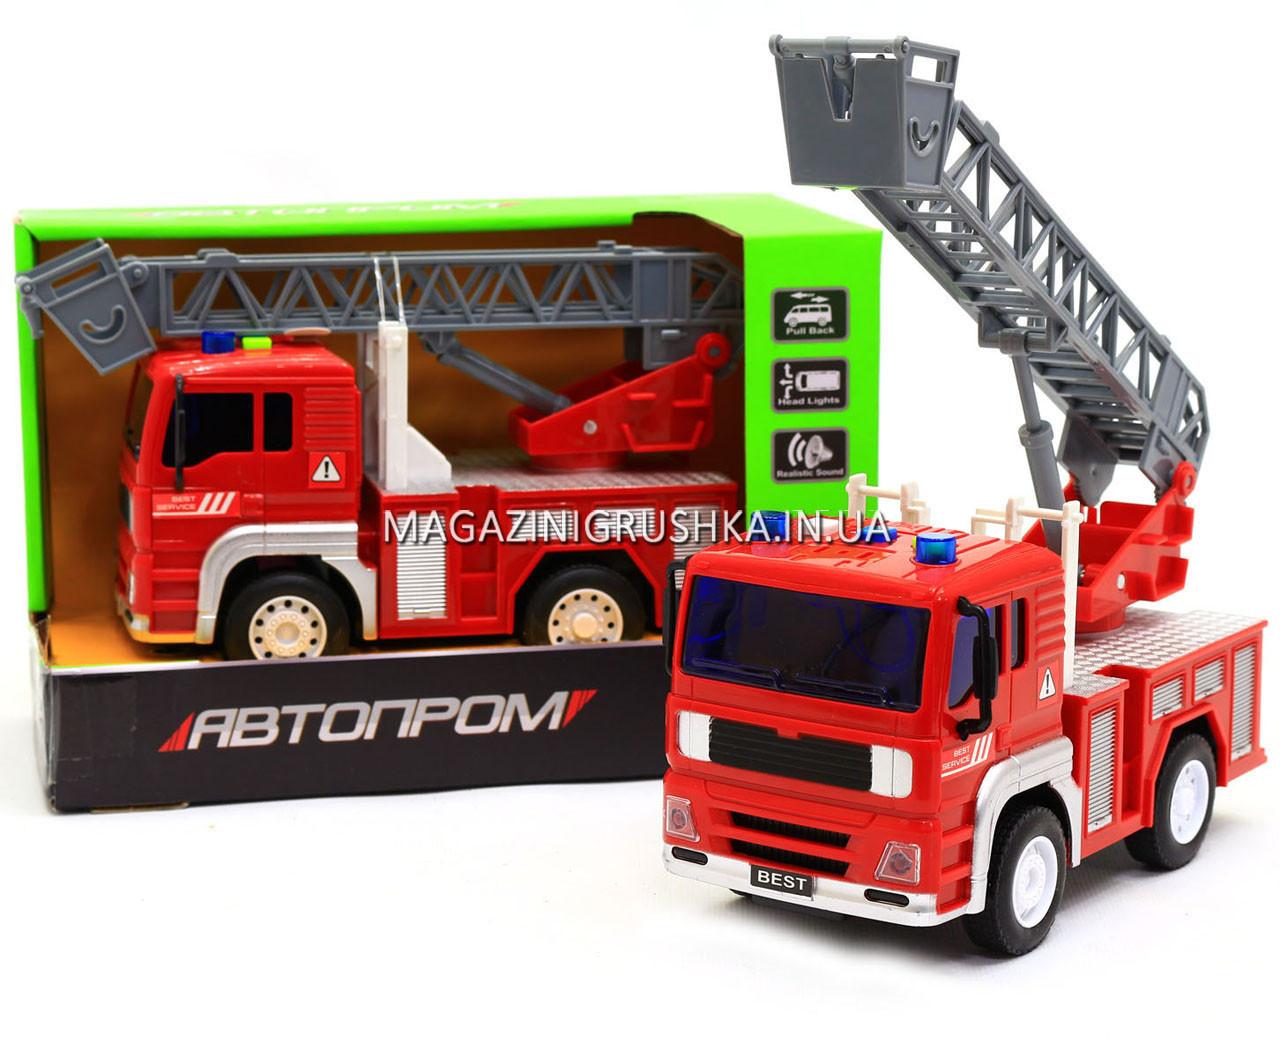 Машинка игровая автопром «Пожарная машина» (свет, звук) 7815